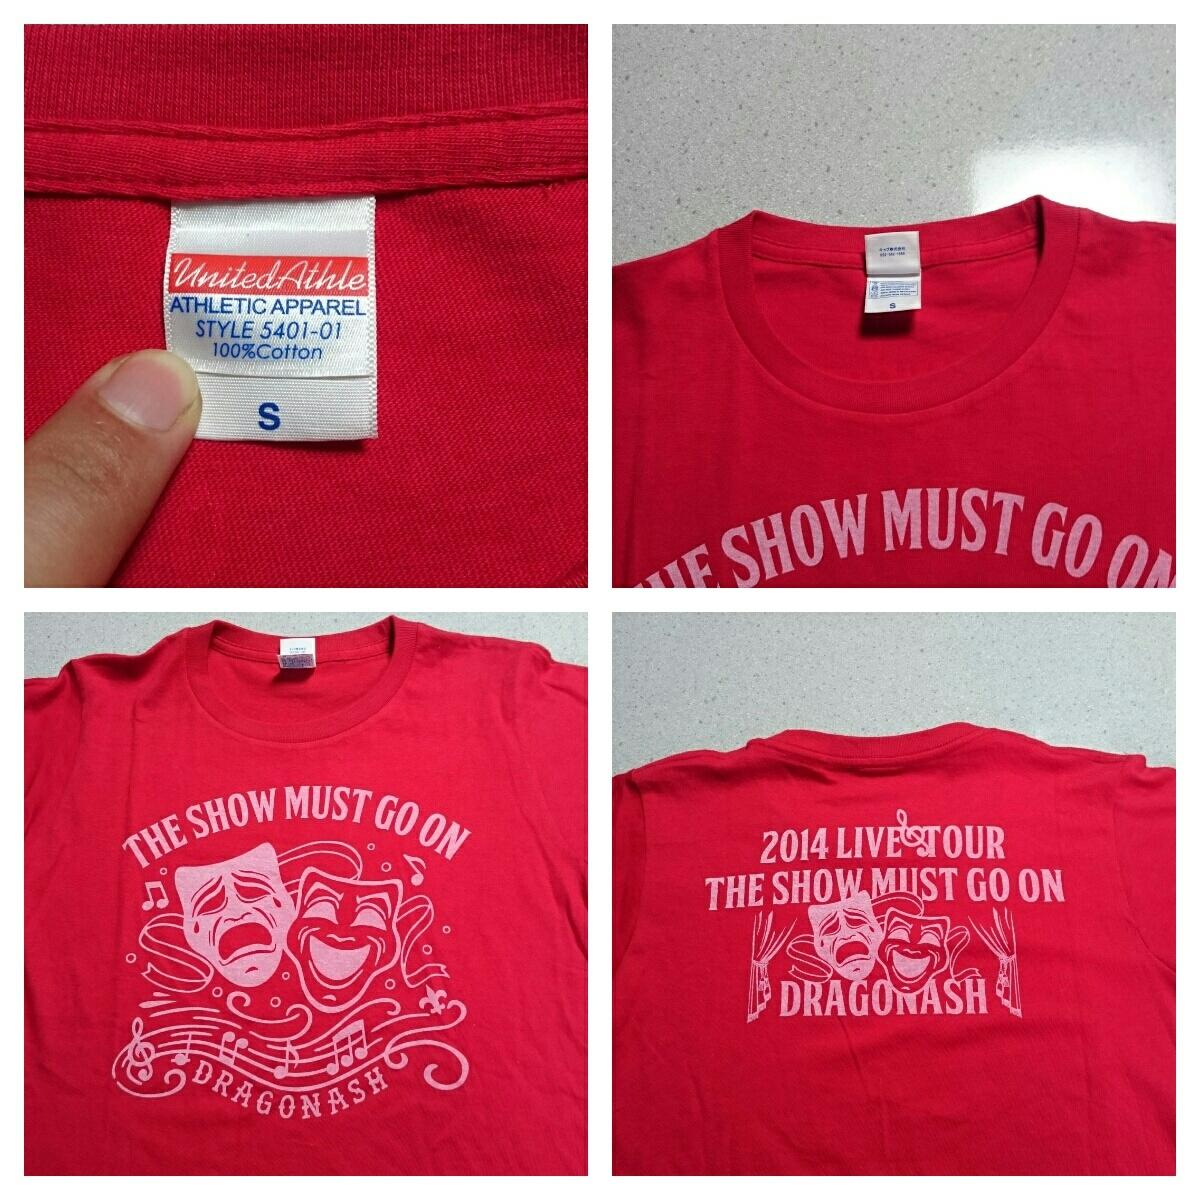 3 美品 DRAGON ASH ドラゴンアッシュ 2014 THE SHOW MUST GO ON ライブツアーTシャツ ロックT バンドT Sサイズ 赤_画像3